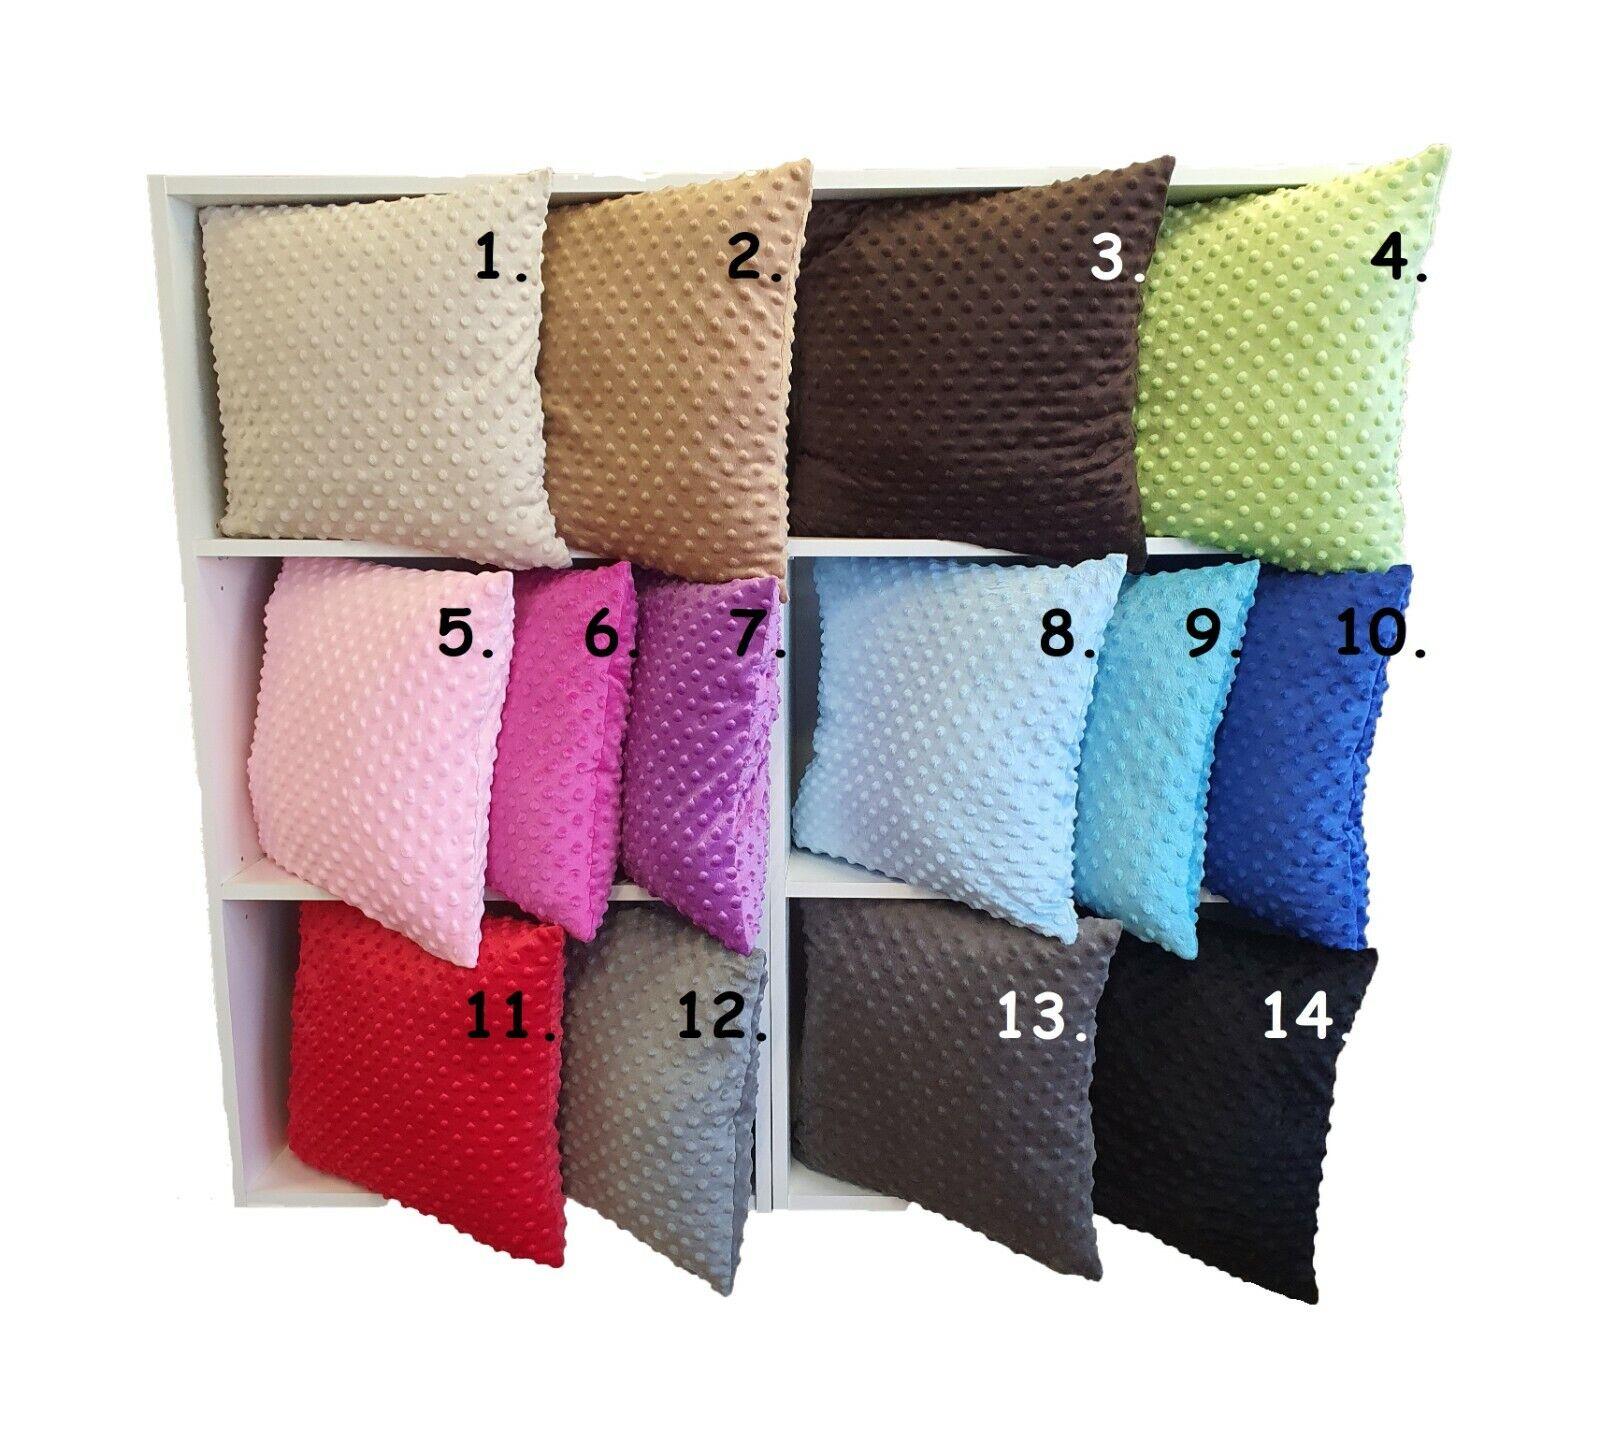 TOP Kissenbezug Minky 40x40 14 Farben Kissenhülle Dekokissen Zierkissen 10 Maße